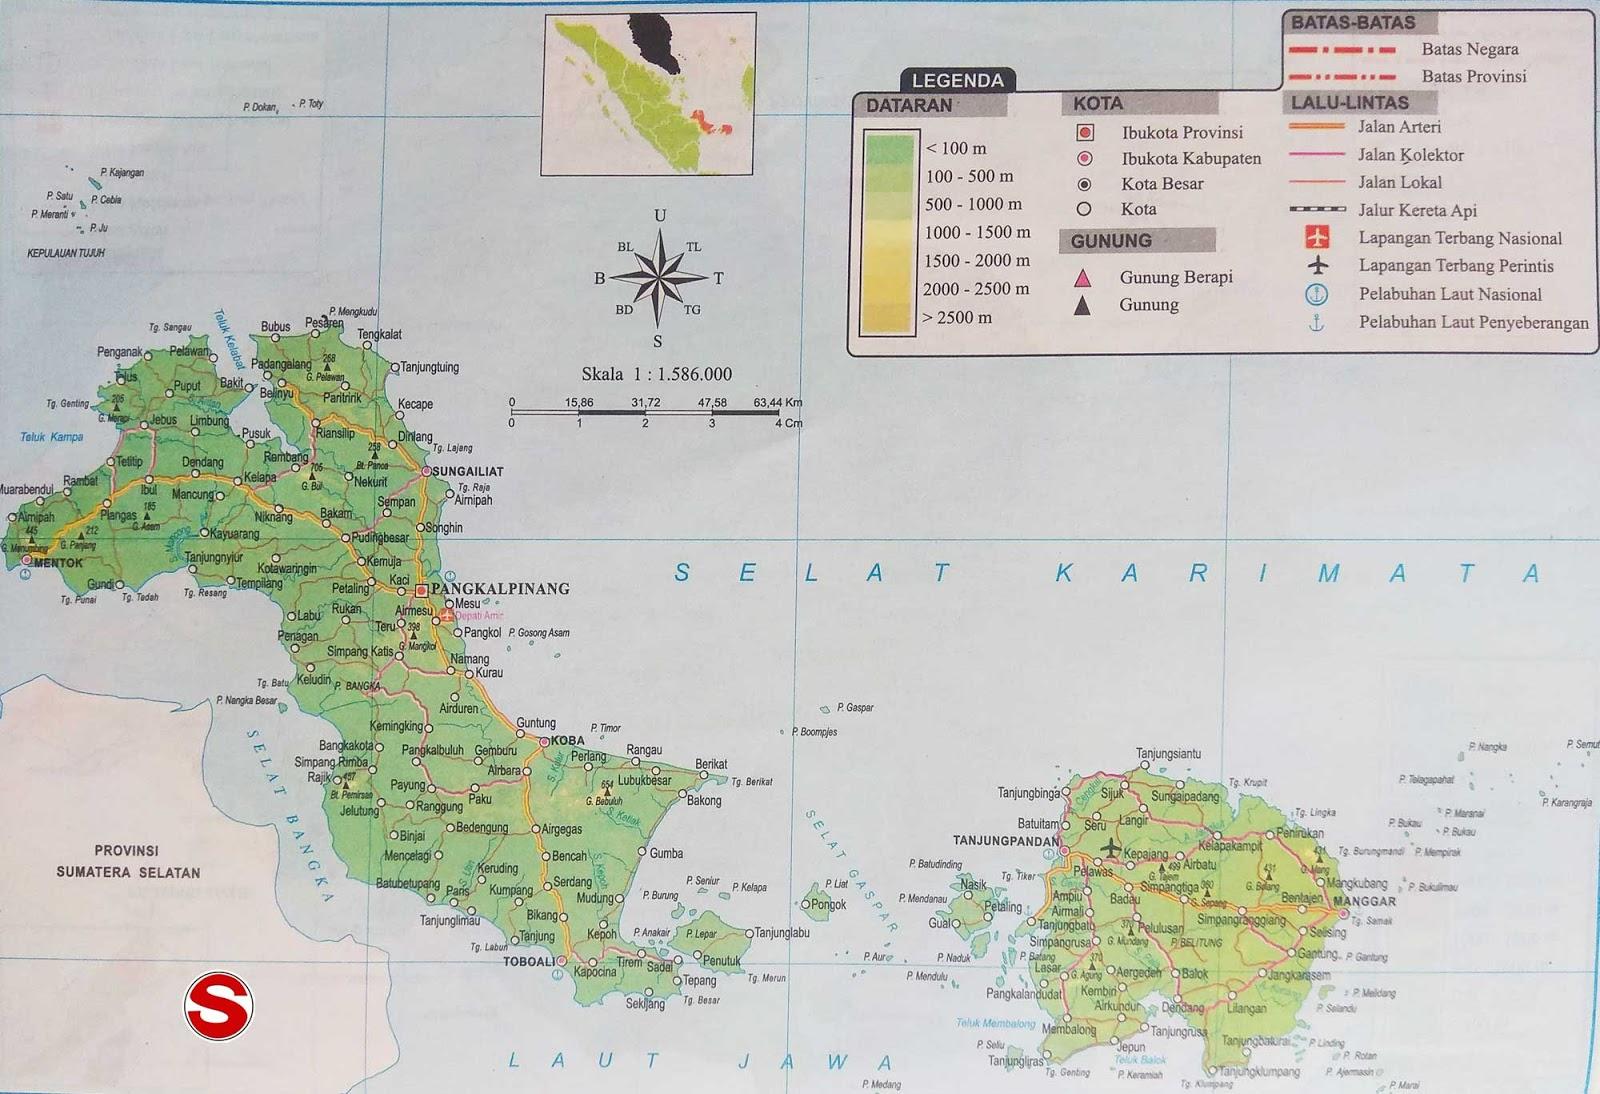 Peta Atlas Provinsi Bangka Belitung di bawah ini mencakup peta dataran Peta Atlas Provinsi Bangka Belitung